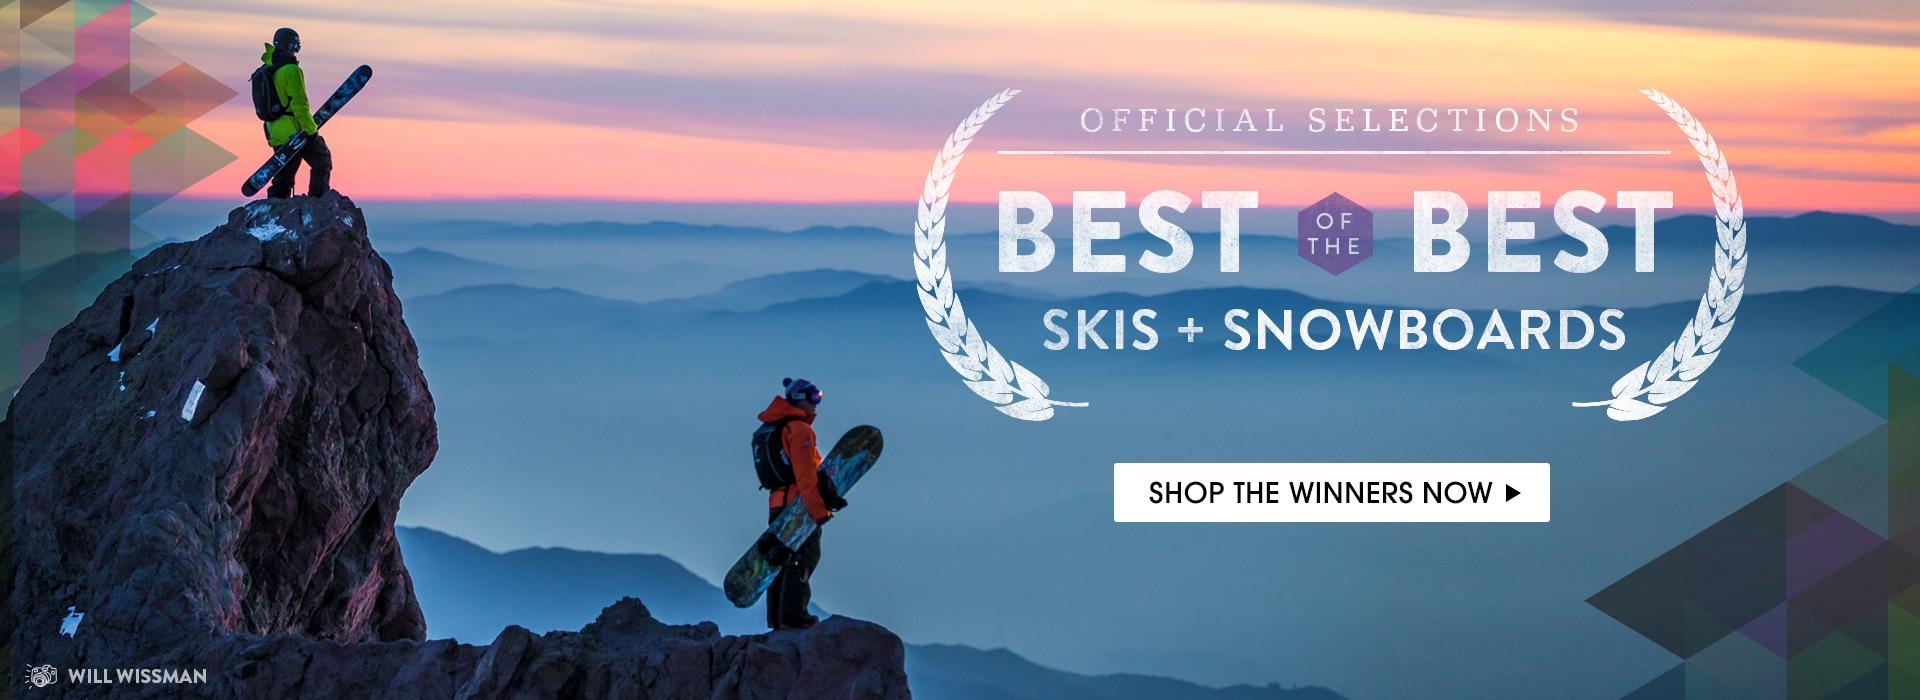 Award Winning Skis & Snowboards.